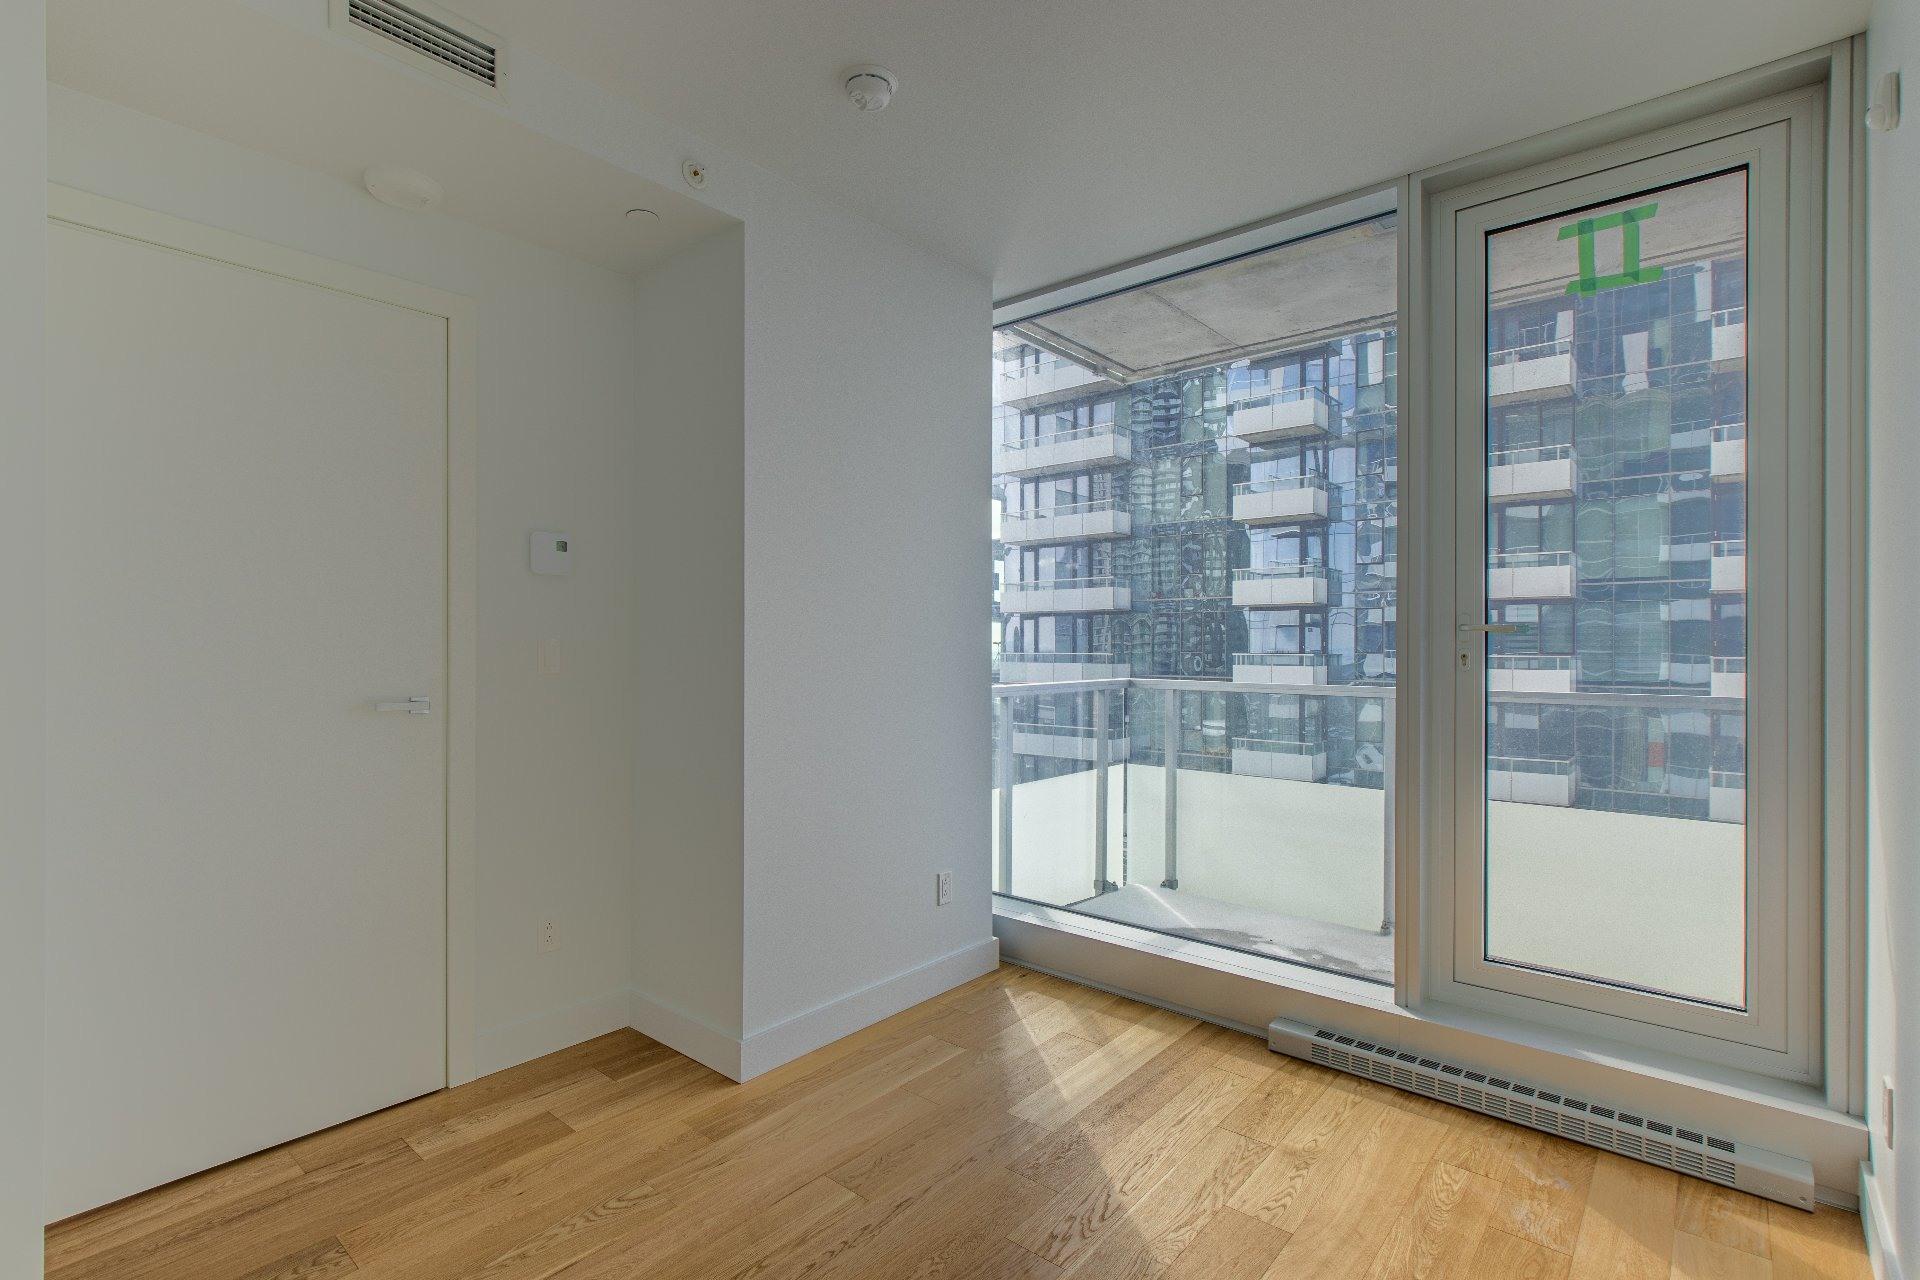 image 8 - Appartement À vendre Ville-Marie Montréal  - 3 pièces